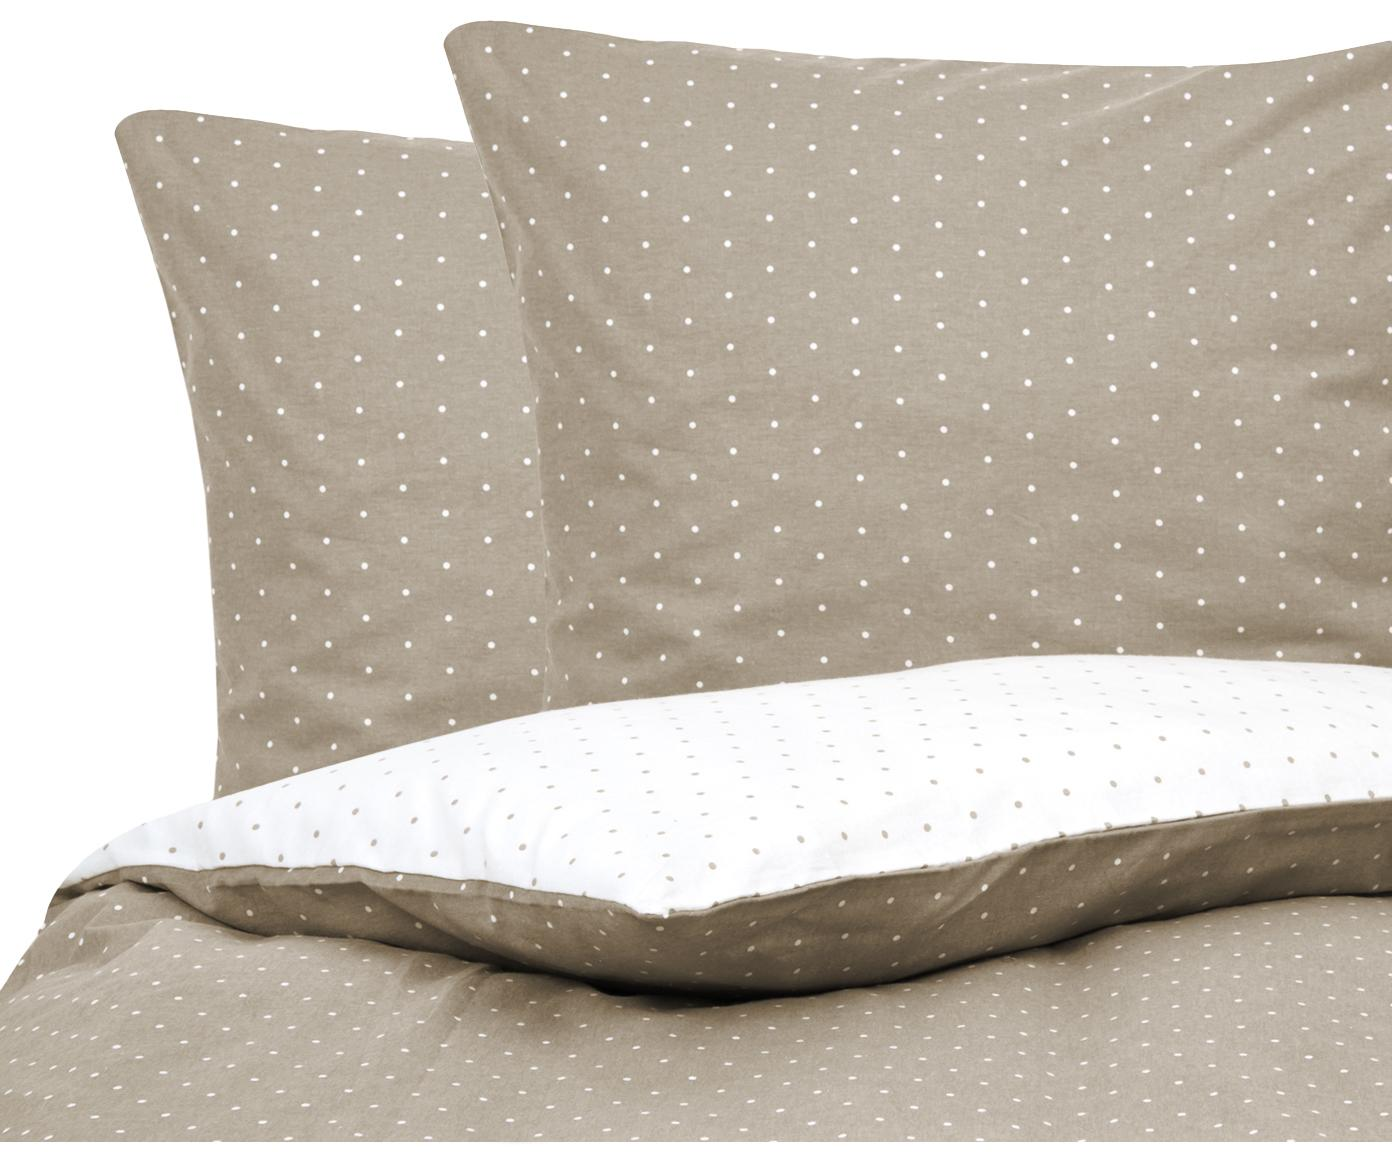 Flanell-Wendebettwäsche Betty, gepunktet, Webart: Flanell Flanell ist ein s, Beige, Weiß, 240 x 220 cm + 2 Kissen 80 x 80 cm